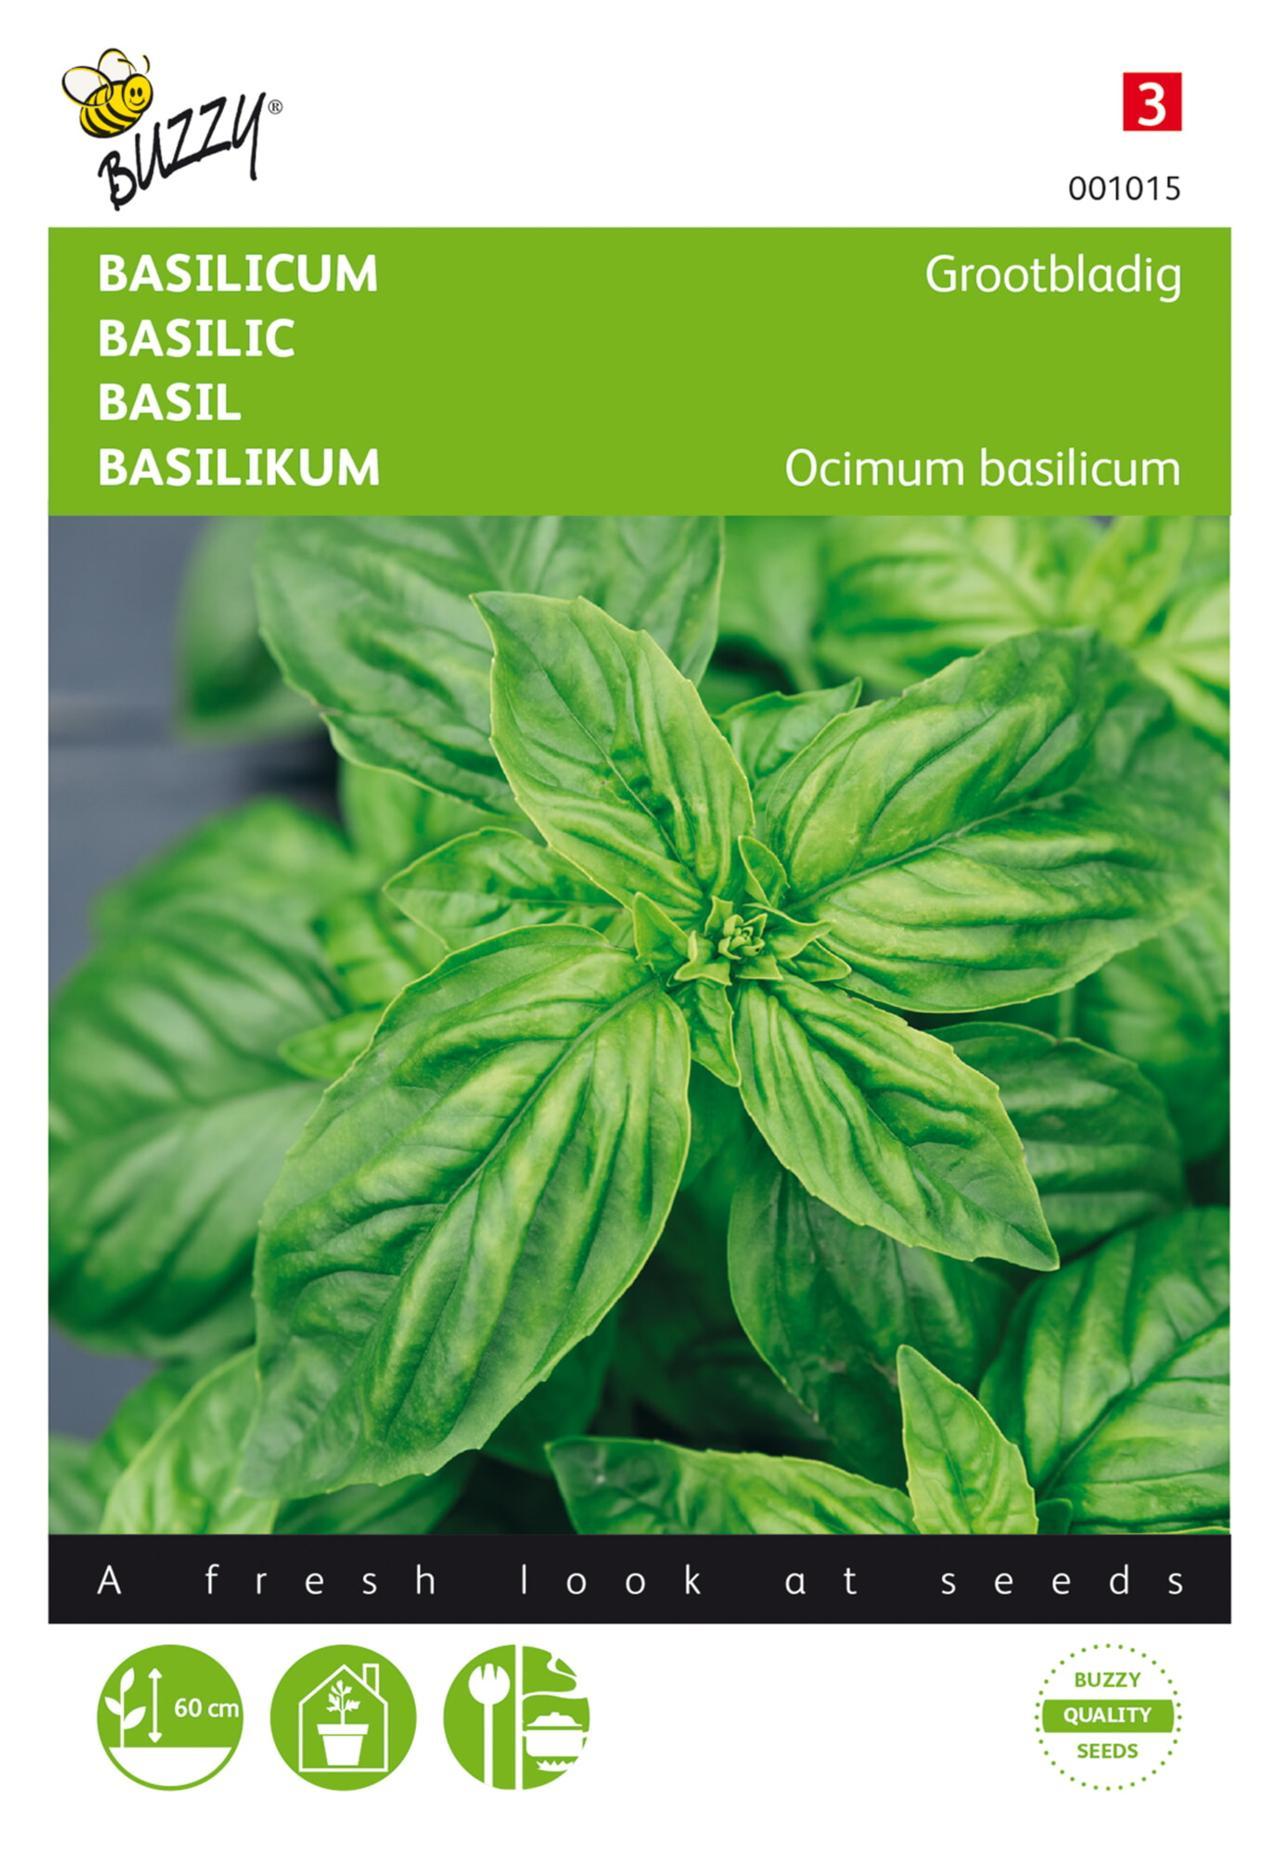 Ocimum basilicum 'Grootbladig' plant